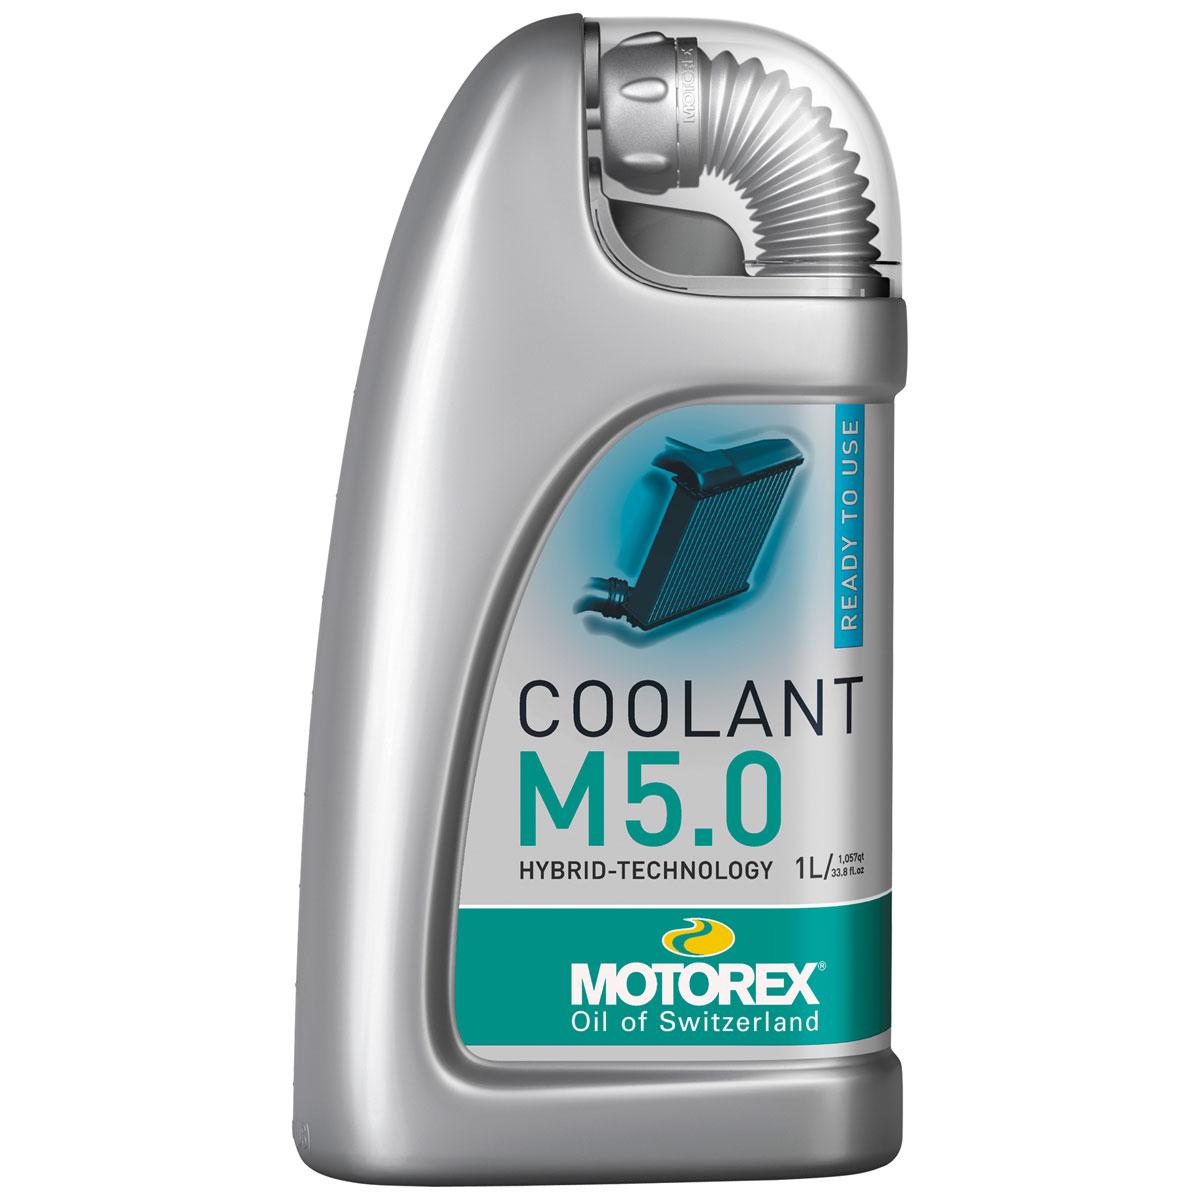 Motorex Coolant M5.0 Liter